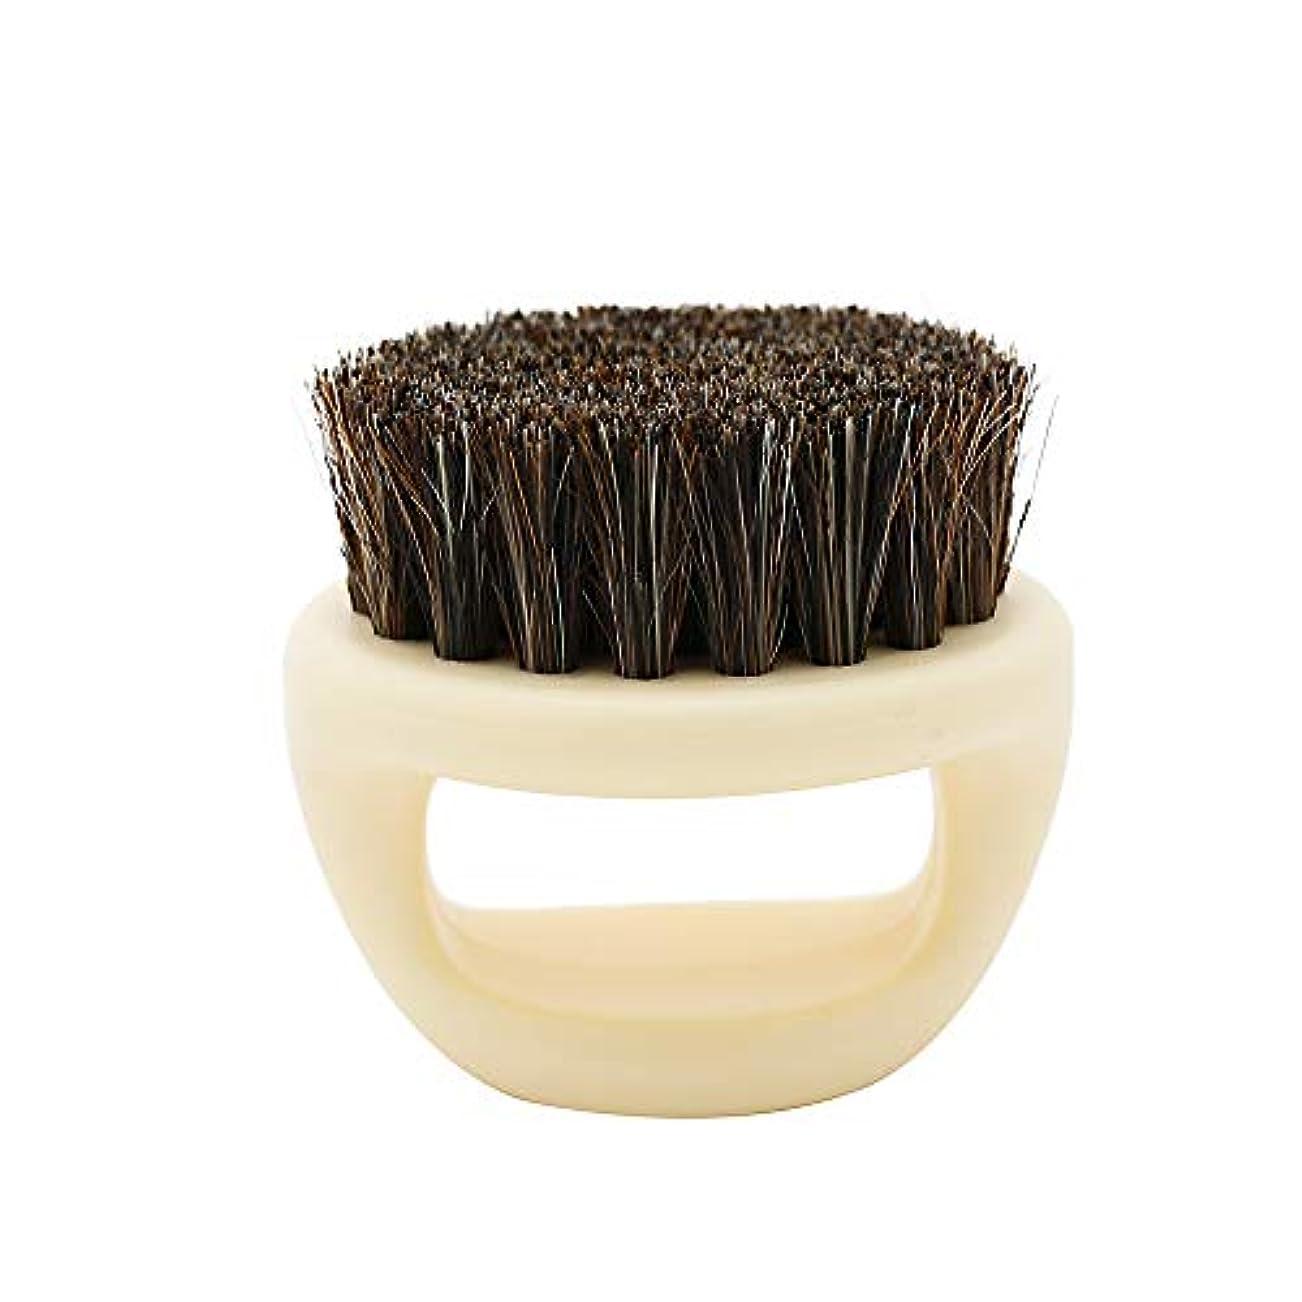 水没省評決Gaoominy 1個リングデザイン馬毛メンズシェービングブラシプラスチック製の可搬式理容ひげブラシサロンフェイスクリーニングかみそりブラシ(ホワイト)